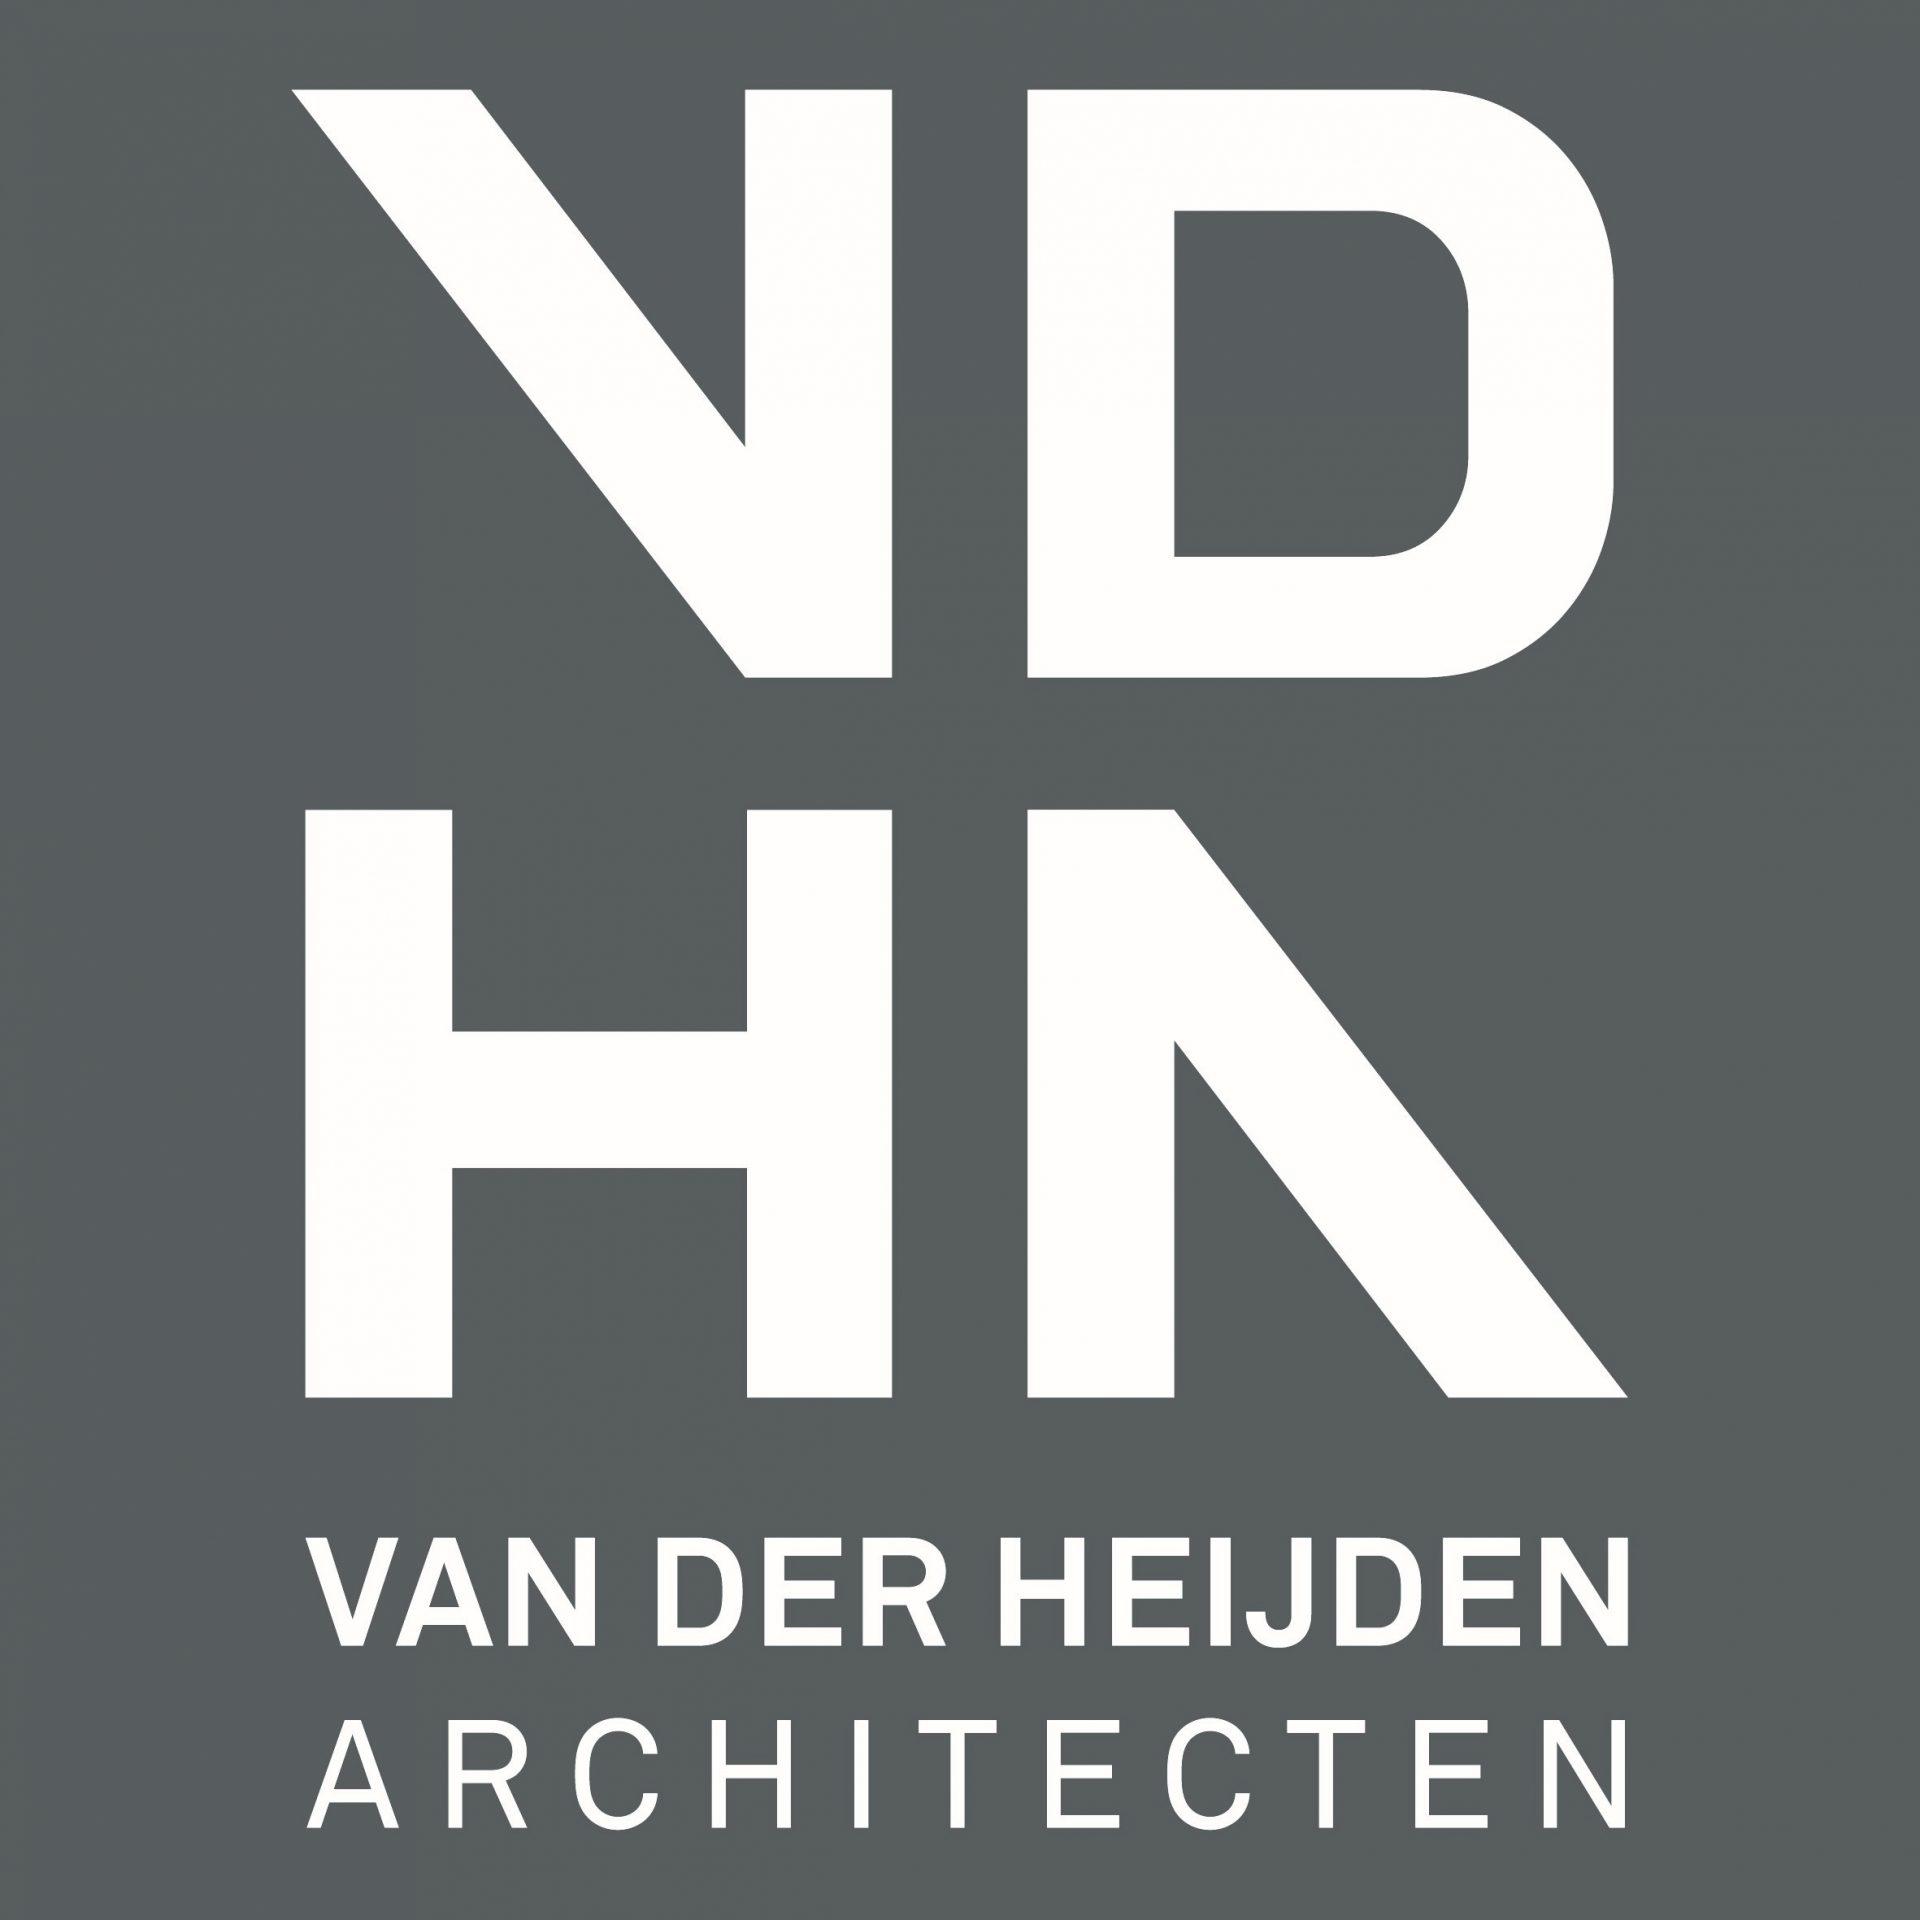 Van der Heijden Architecten streeft in haar architectuur naar een integratie van comfort, esthetiek en duurzame ontwikkeling. Wij werken vanuit twee locaties in Groenlo en Nijmegen. We ontwerpen ruimtes waarin mensen nu, maar ook in de toekomst, comfortabel kunnen verblijven. Daarom is duurzaamheid, bijvoorbeeld door slimme technische oplossingen, een belangrijke pijler voor ons. Daarbij verliezen we de esthetiek en uw budget uiteraard niet uit het oog. Hoewel comfort, esthetiek en duurzaamheid in elk project leidend zijn, is ieder ontwerp uniek en toegespitst op de situatie en wensen van de klant. Daarmee willen wij u als opdrachtgever positief verrassen. Naast de vraagstukken van nieuwbouw en verbouw adviseren wij ook op het gebied van revitaliseren, om een waardestijging van uw pand te realiseren en de energiekosten te verlagen. Tenslotte zijn we met onze uitgebreide regiokennis een schakel tussen investeerders, marktpartijen en lokale overheid. We denken creatief en innovatief mee over ontwikkelmogelijkheden. Onze huidige, zeer gevarieerde, opdrachtenportfolio is zichtbaar op onze nieuwe website: www.vdharchitecten.nl